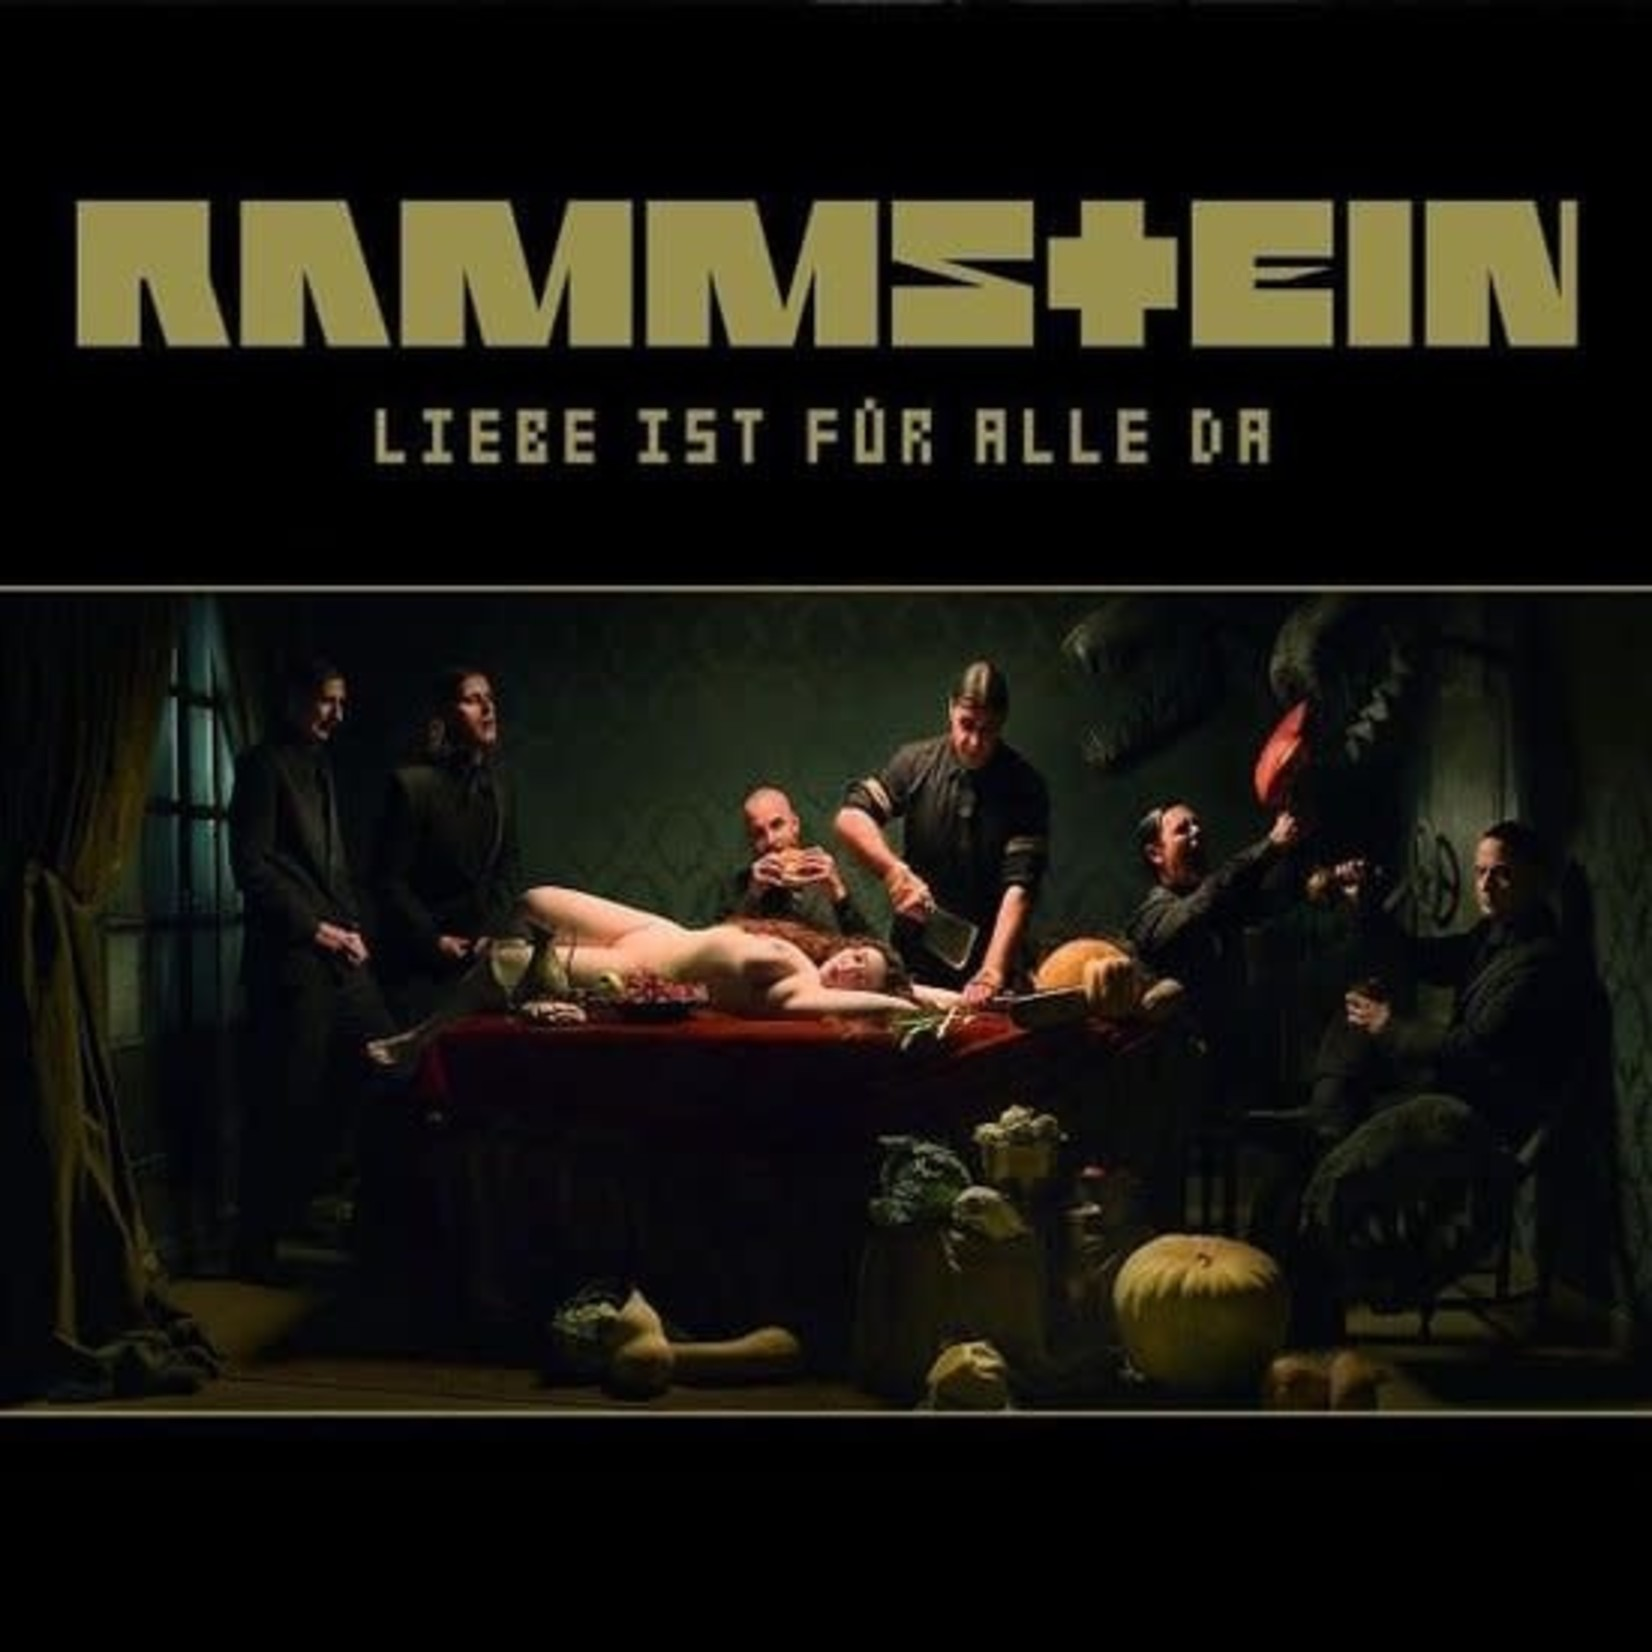 RAMMSTEIN - LIEBE IST FUR ALLE DA (VINYL)